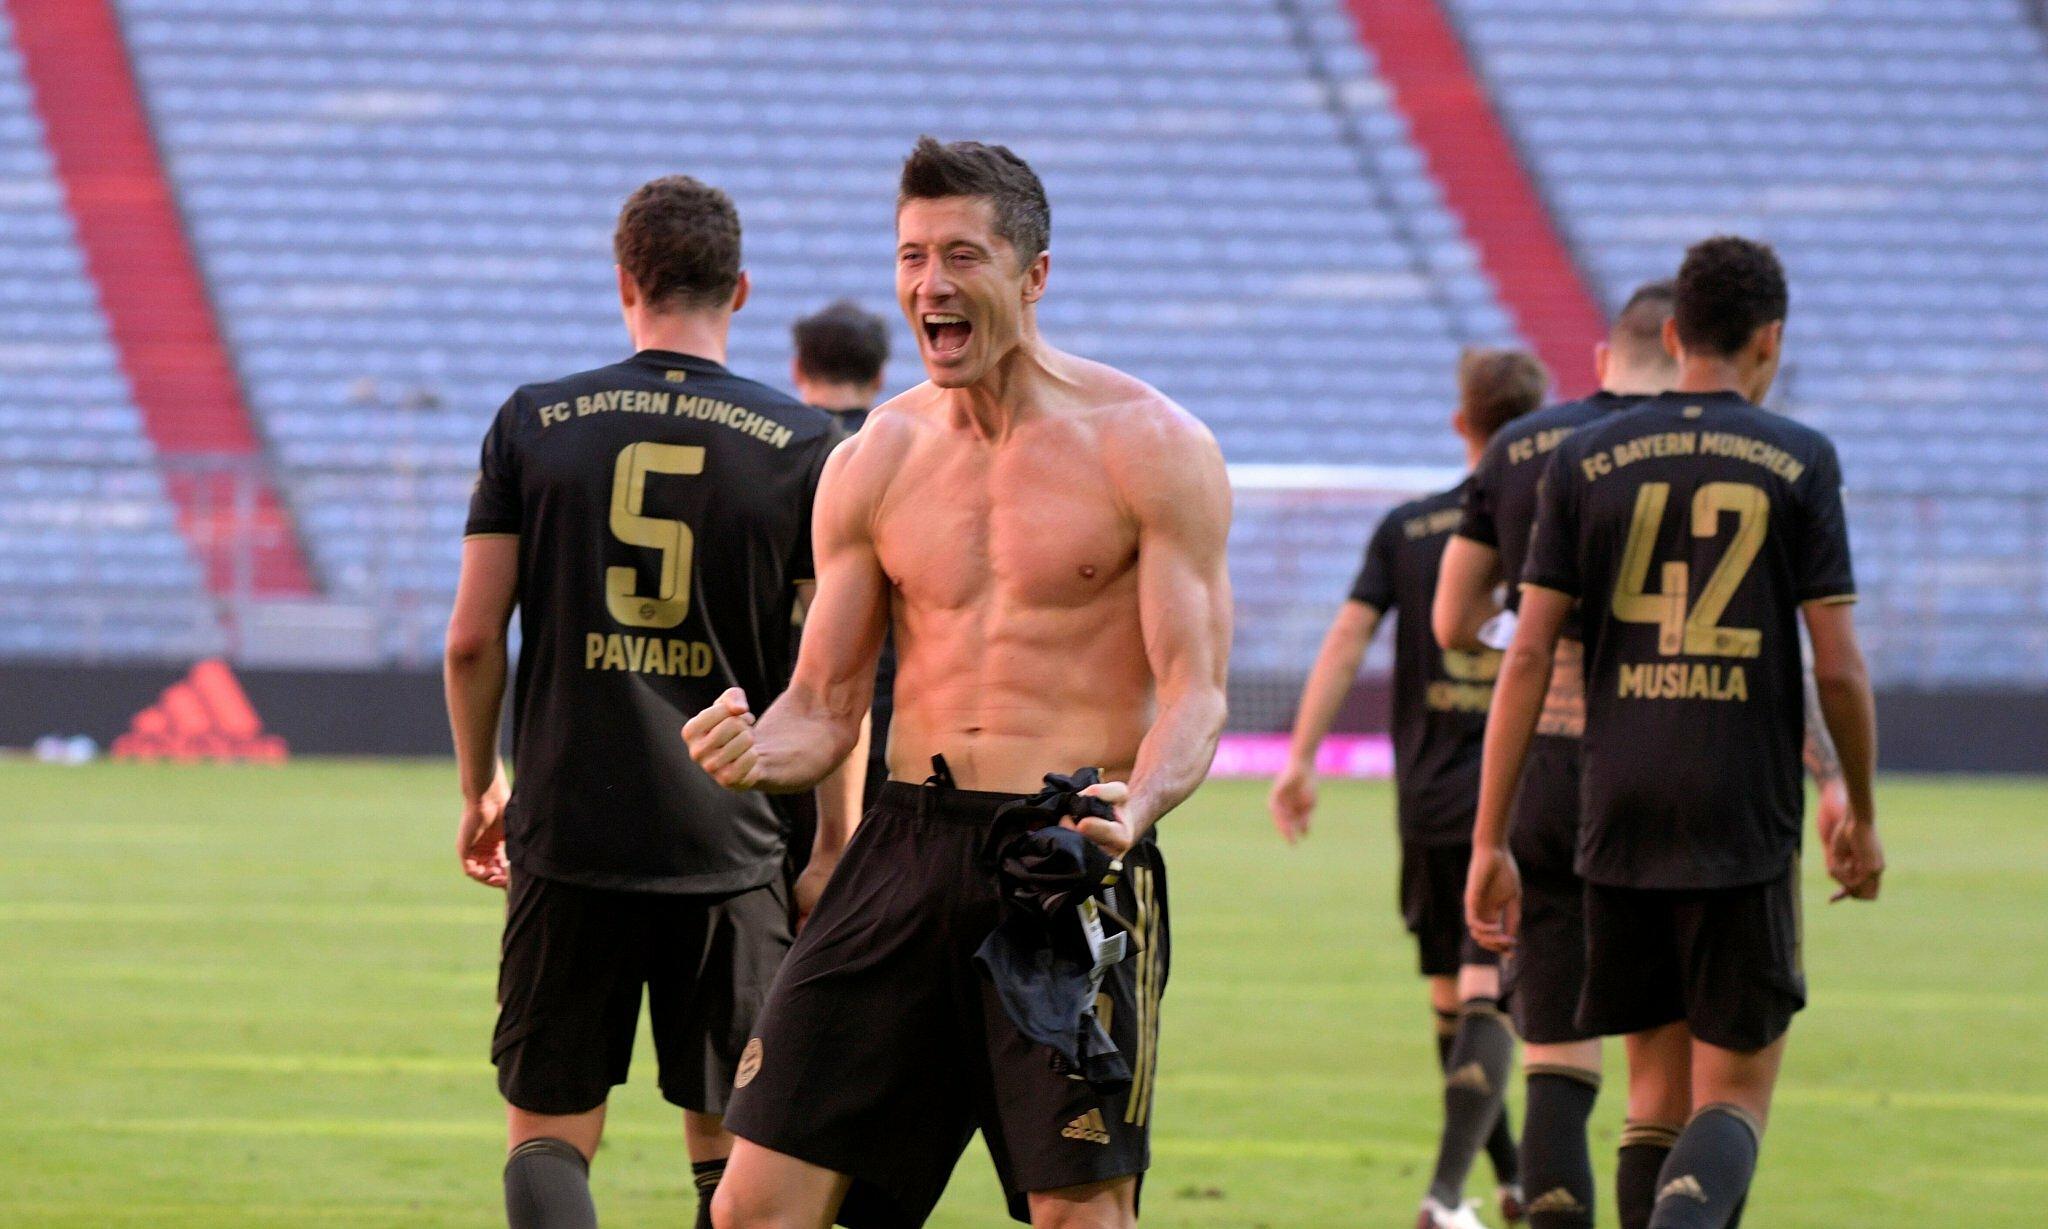 Lewandowski phấn khích sau khi ghi bàn thắng để lập kỷ lục mới của Bundesliga. Ảnh: FC Bayern